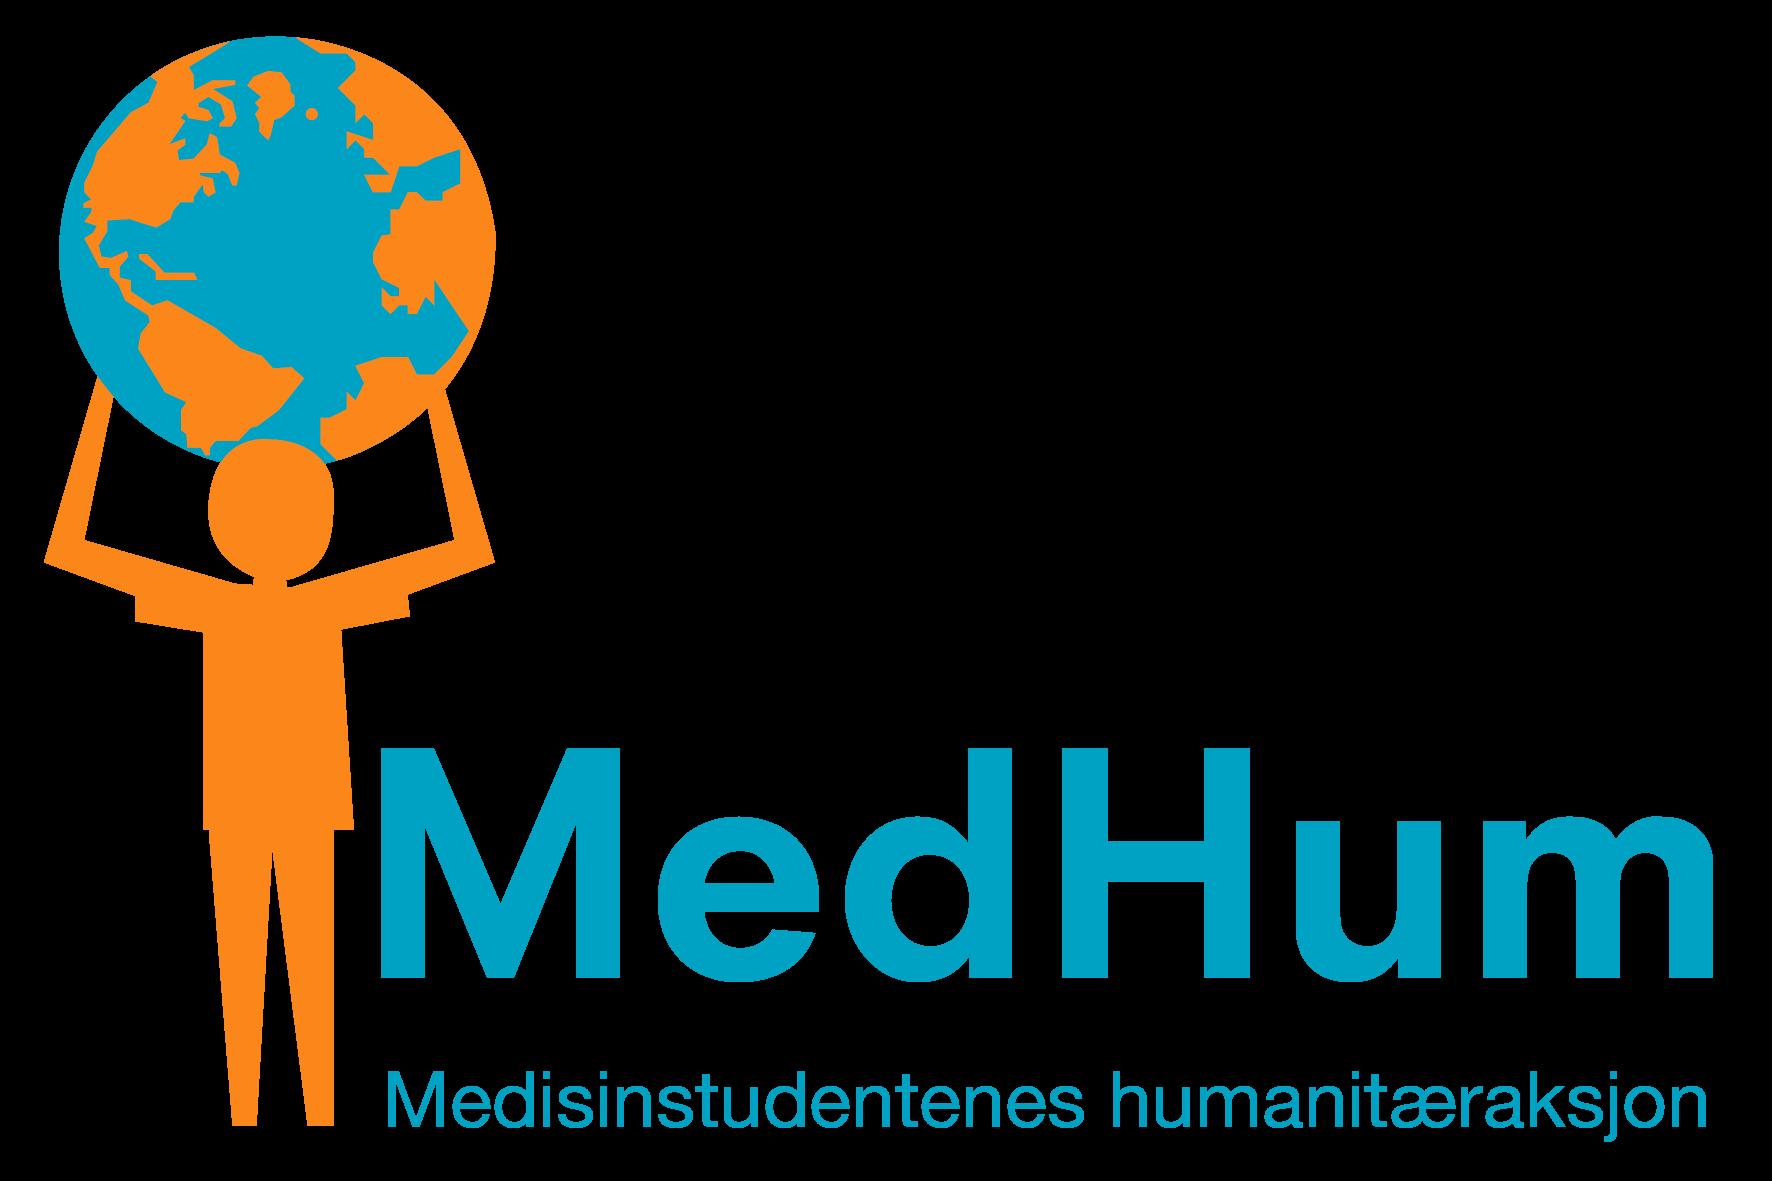 - MedHum er Norges største humanitære studentorganisasjon. Hvert partallsår arrangerer MedHum aksjon for å samle inn penger til humanitære prosjekter med fokus på lav- og mellominntektsland, og forebyggende helsearbeid.